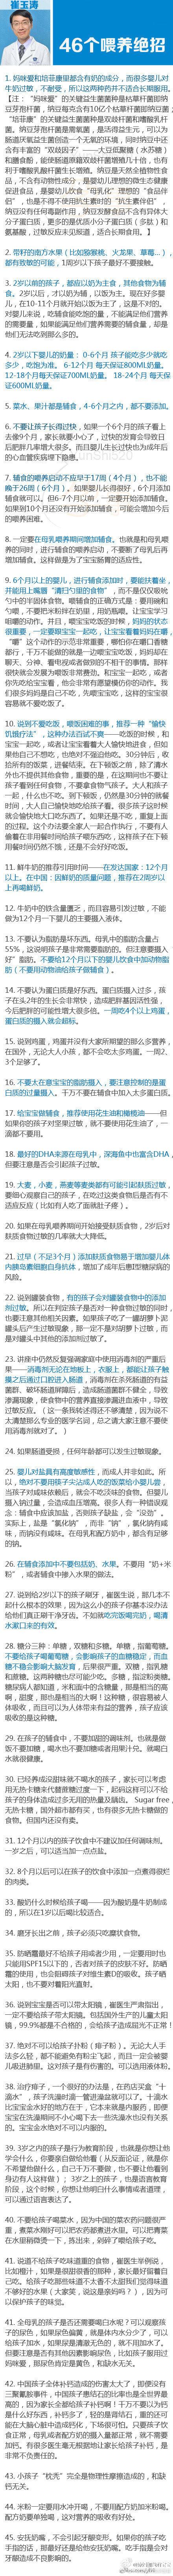 科学育儿:崔玉涛和张思莱医生育儿指导汇总